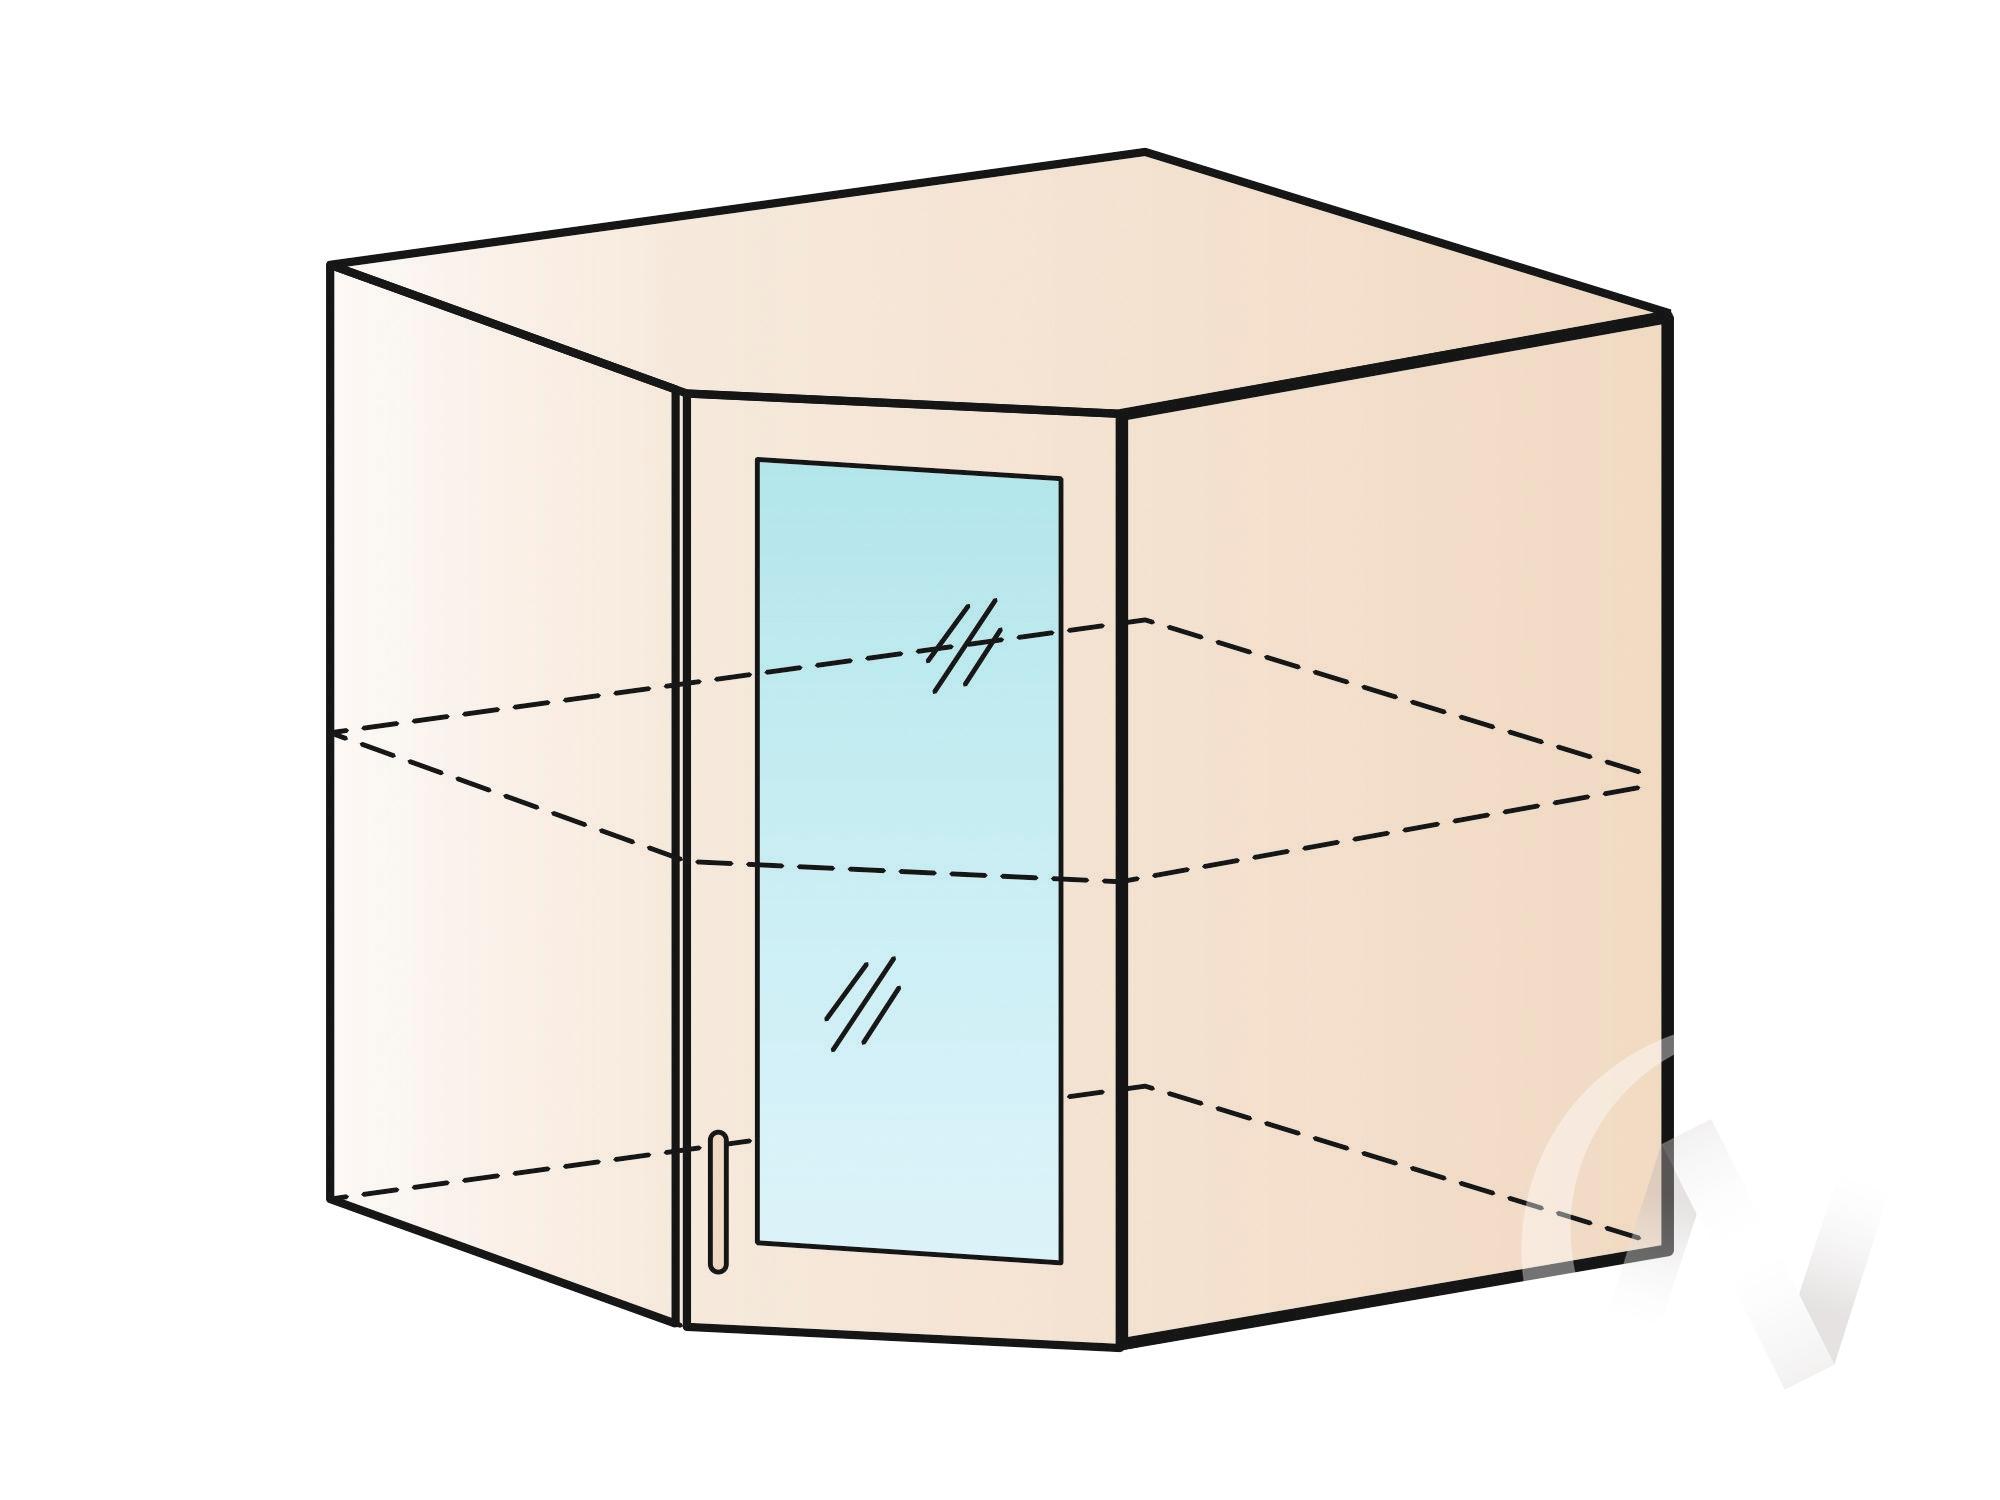 """Купить кухня """"изабель"""": шкаф верхний угловой со стеклом 590, швус 590 (корпус белый) в Новосибирске в интернет-магазине Мебель плюс Техника"""